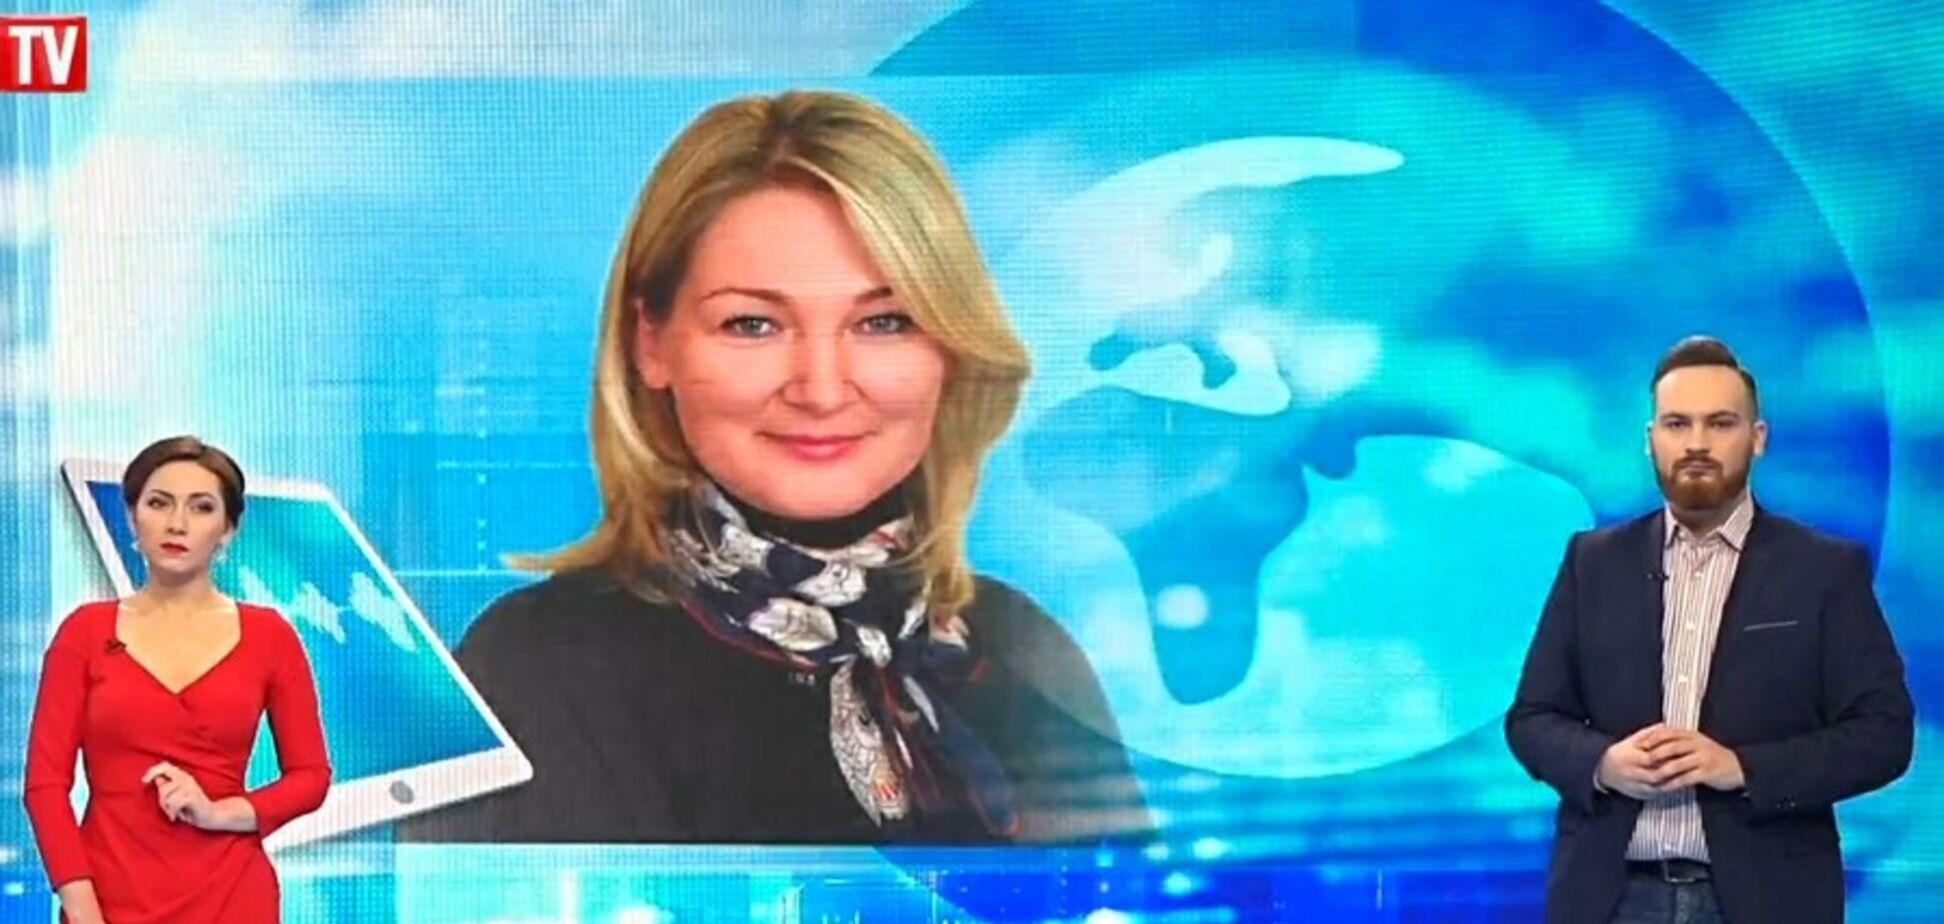 Рада асоціації Україна-ЄС: експертка розповіла, чого очікувати від цієї зустрічі